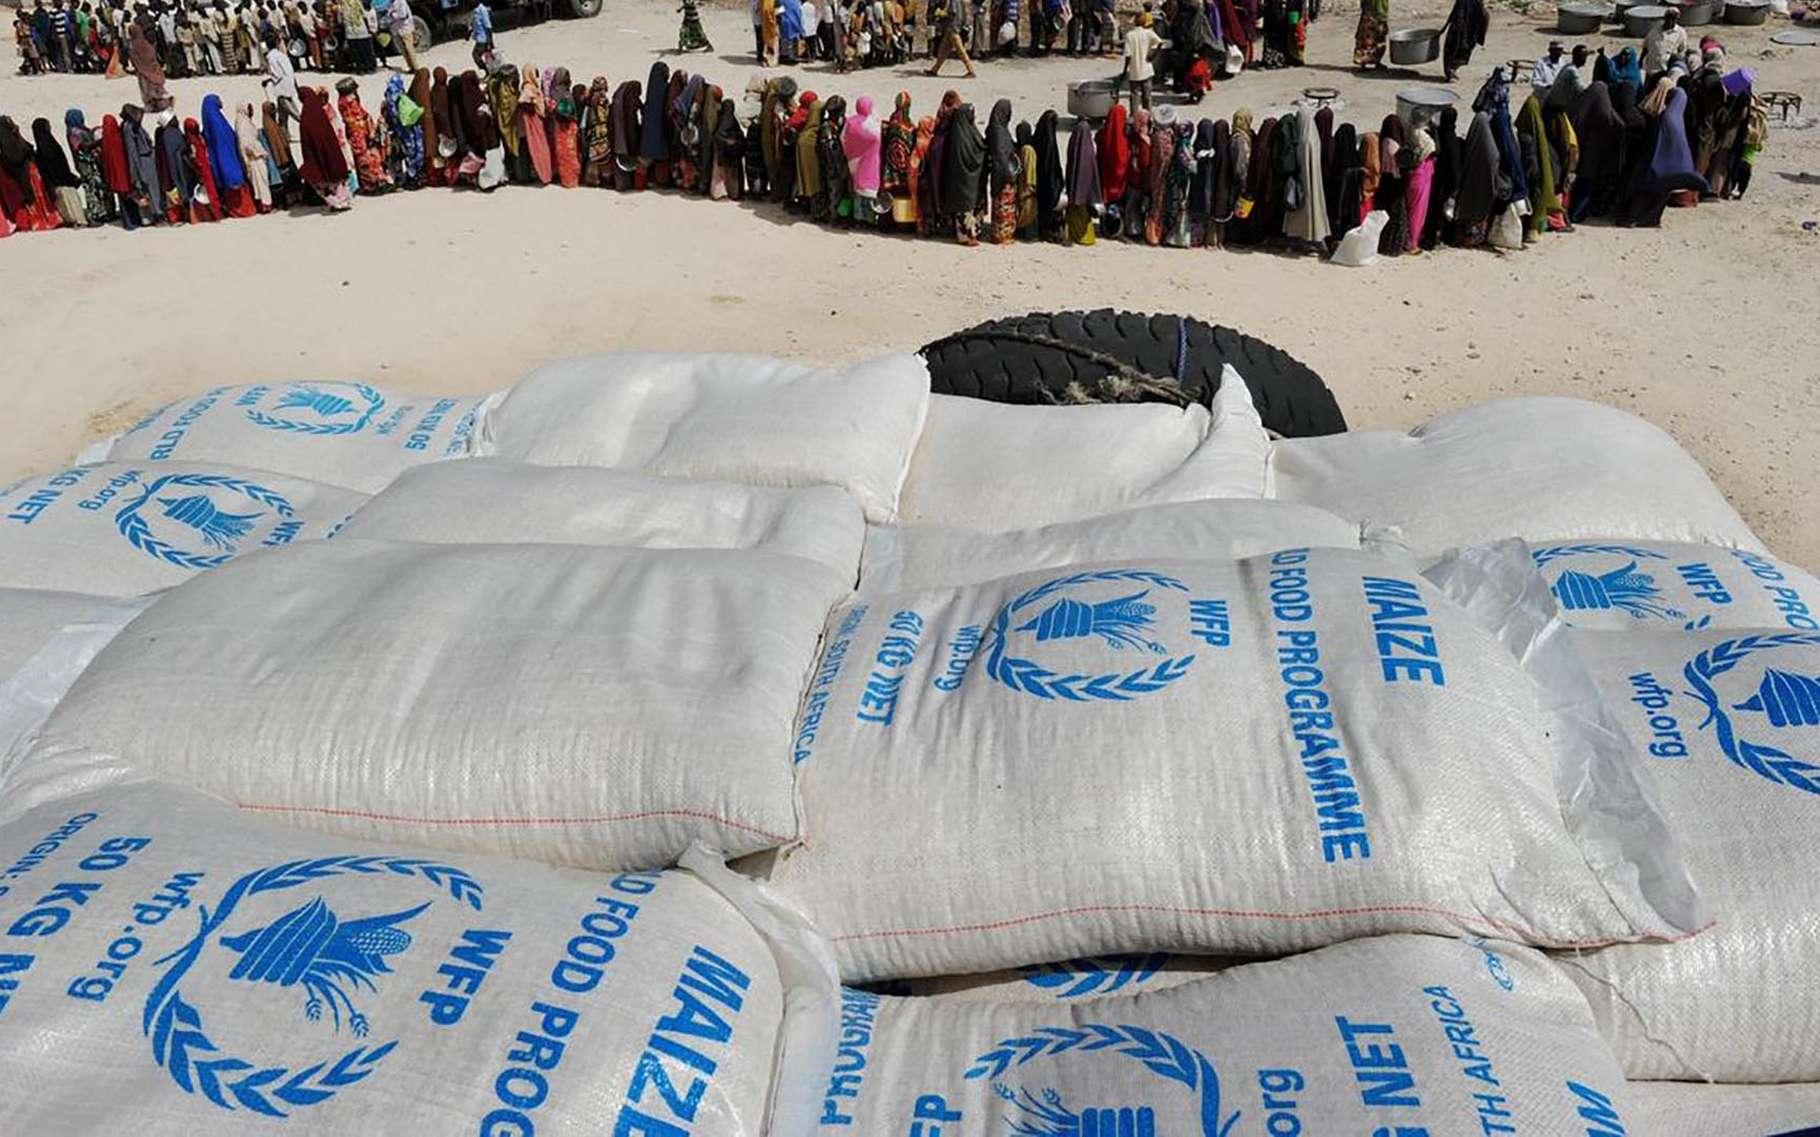 Le prix Nobel de la paix 2020 a été décerné ce 9 octobre, au Programme alimentaire mondial (PAM) des Nations unies. © WFP